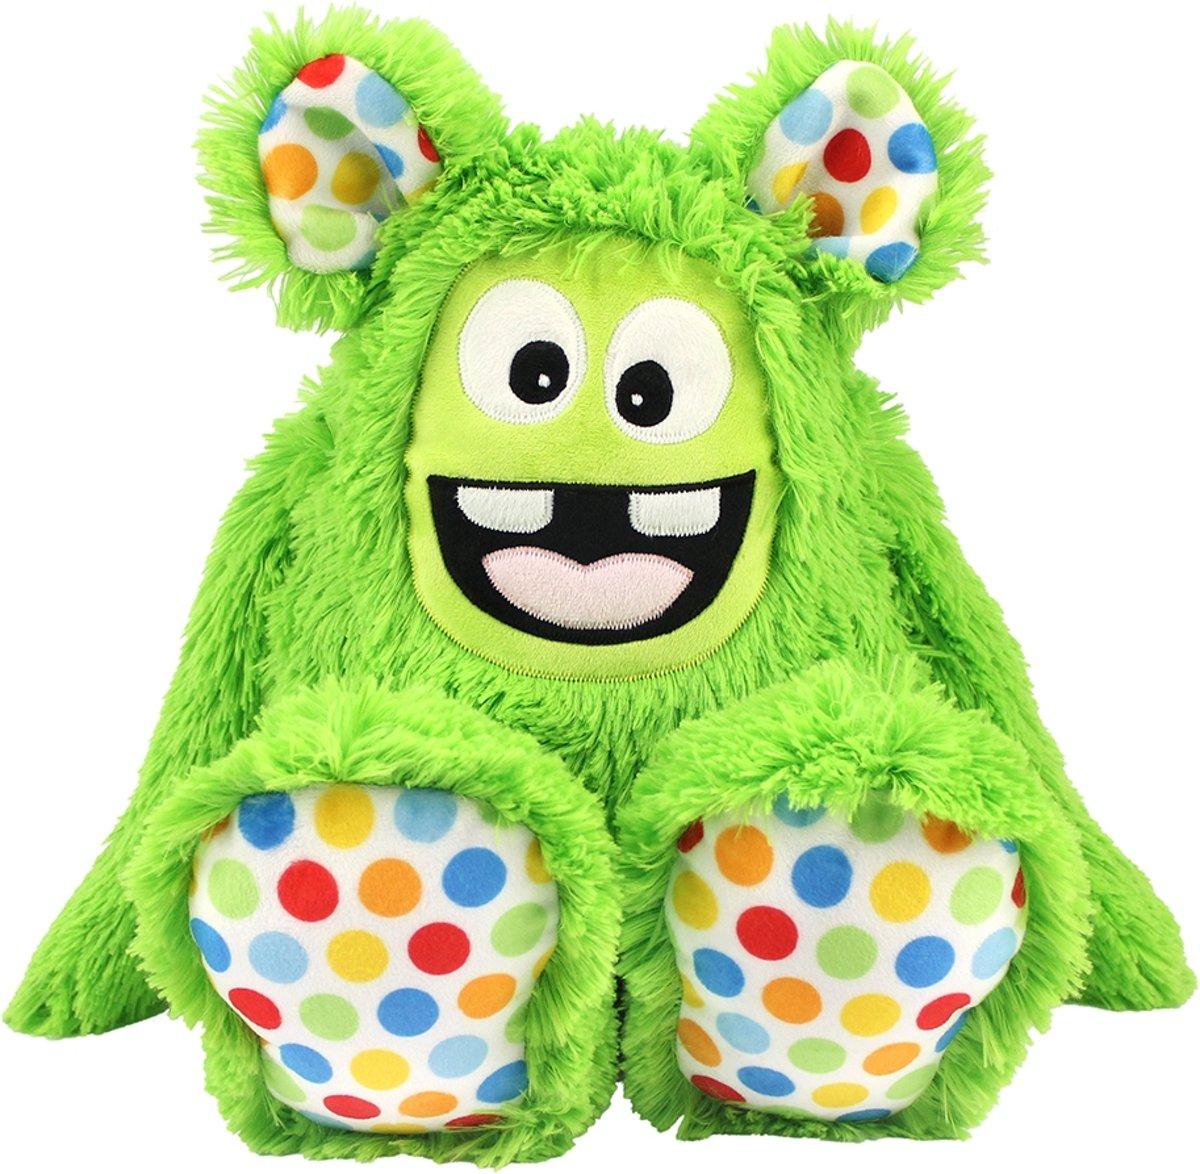 Kullaloo Naaiset Memomo Monster Groen